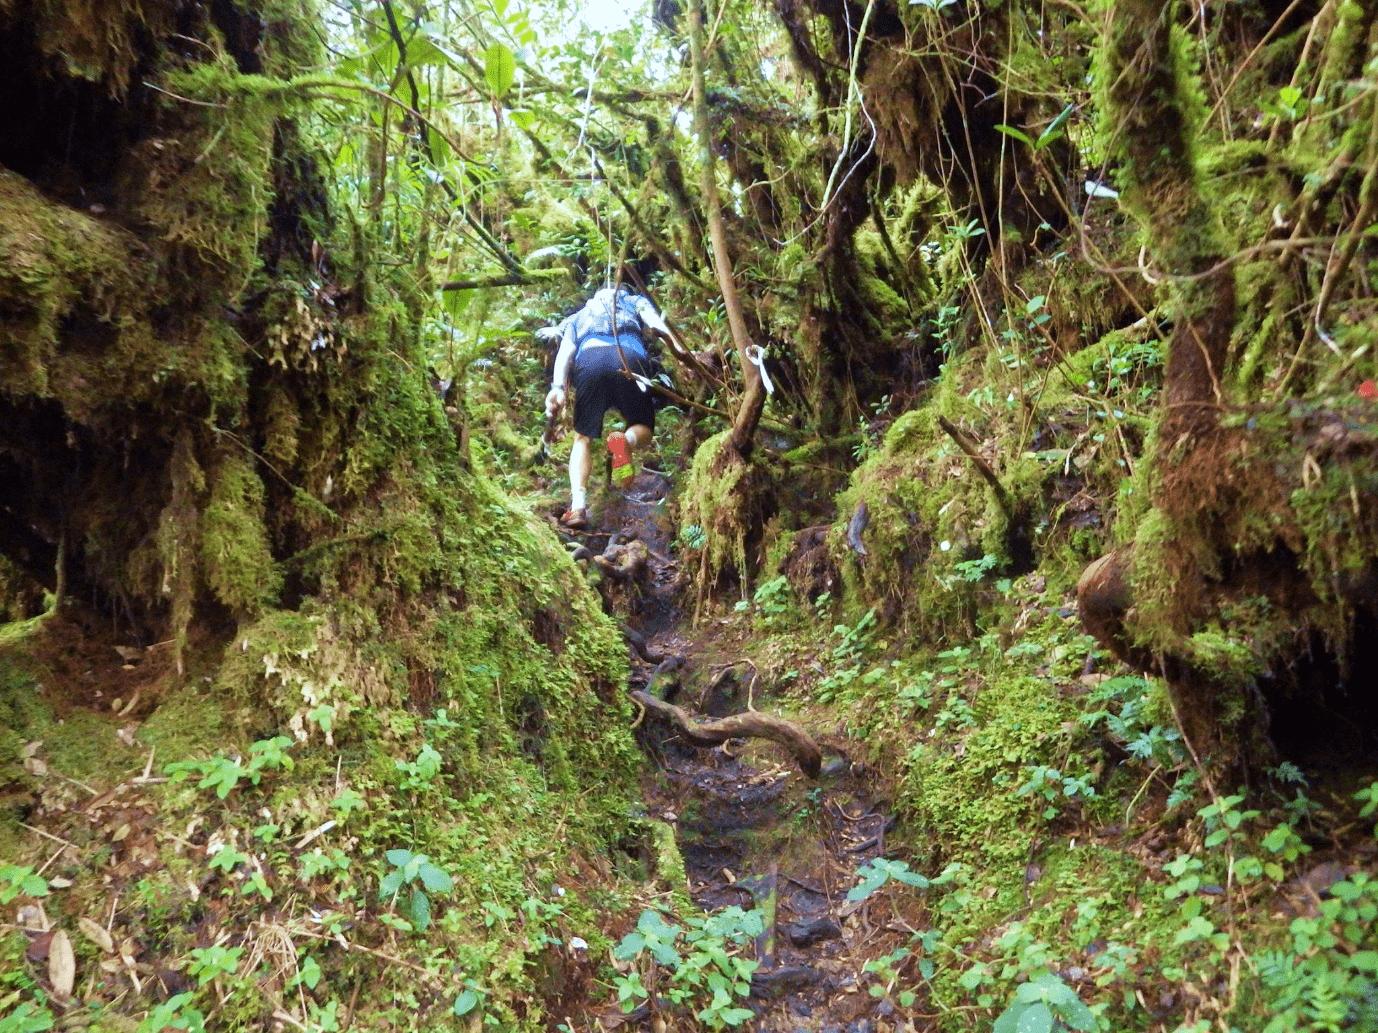 Gunung Suku mossy forest